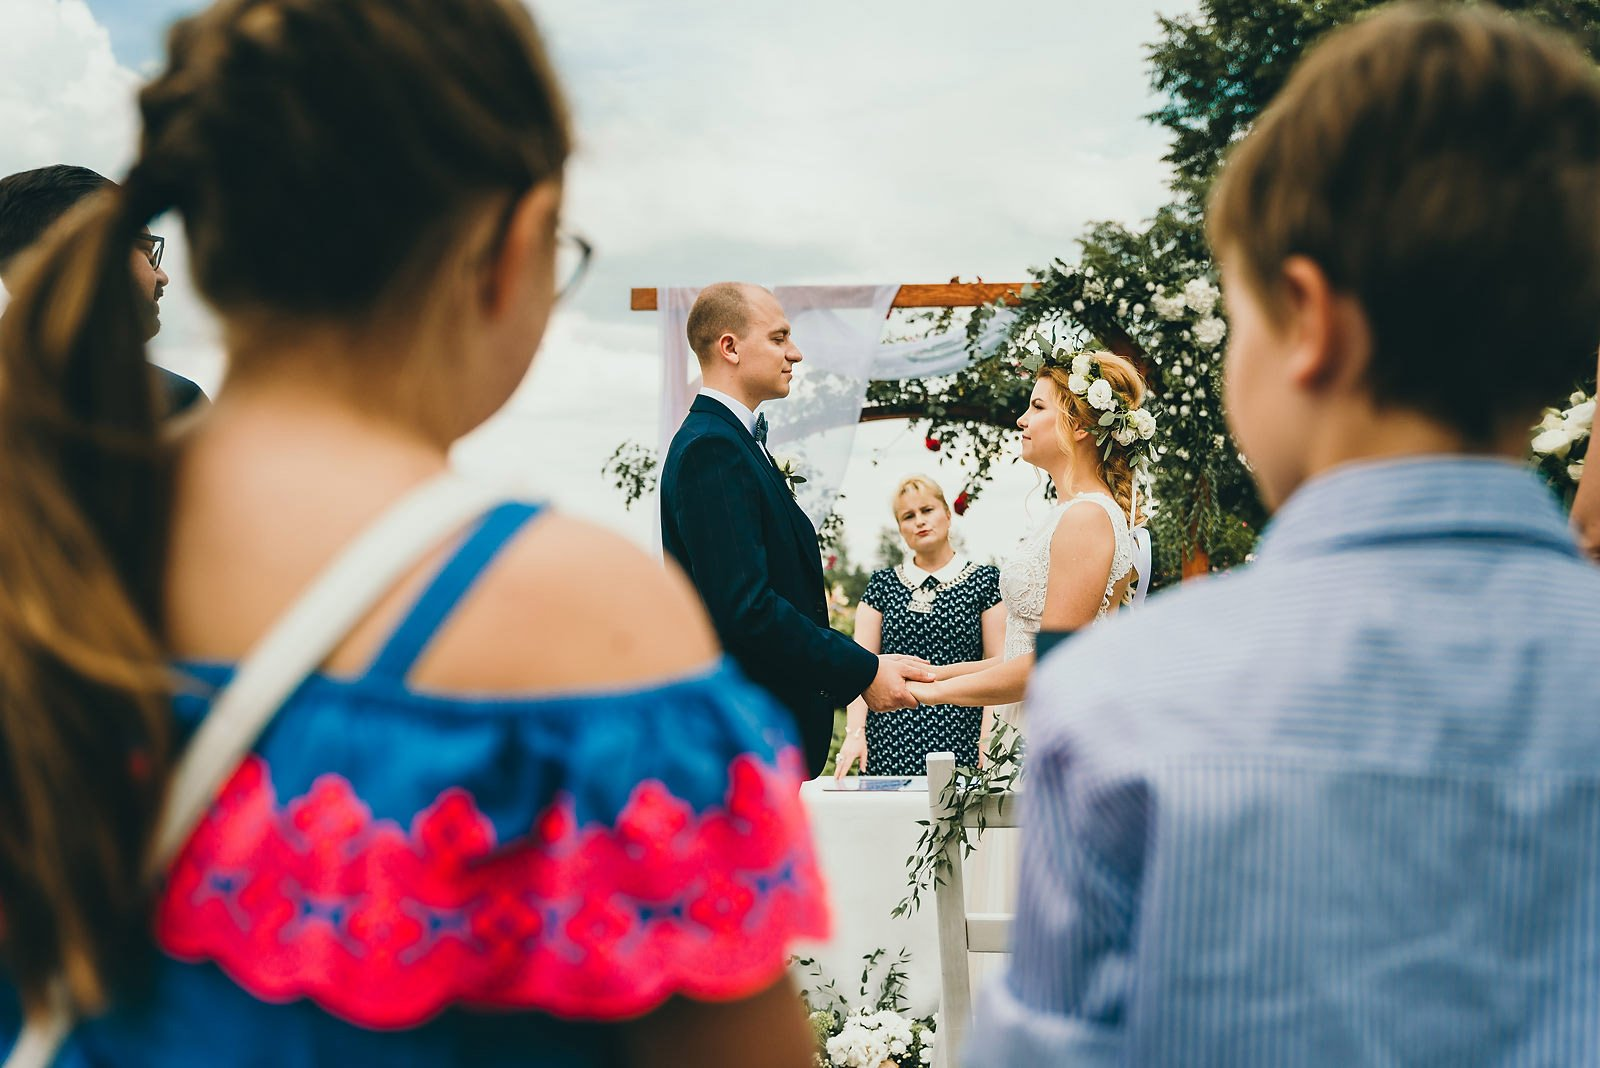 Justyna i Szymon - plenerowy ślub w stylu boho 43